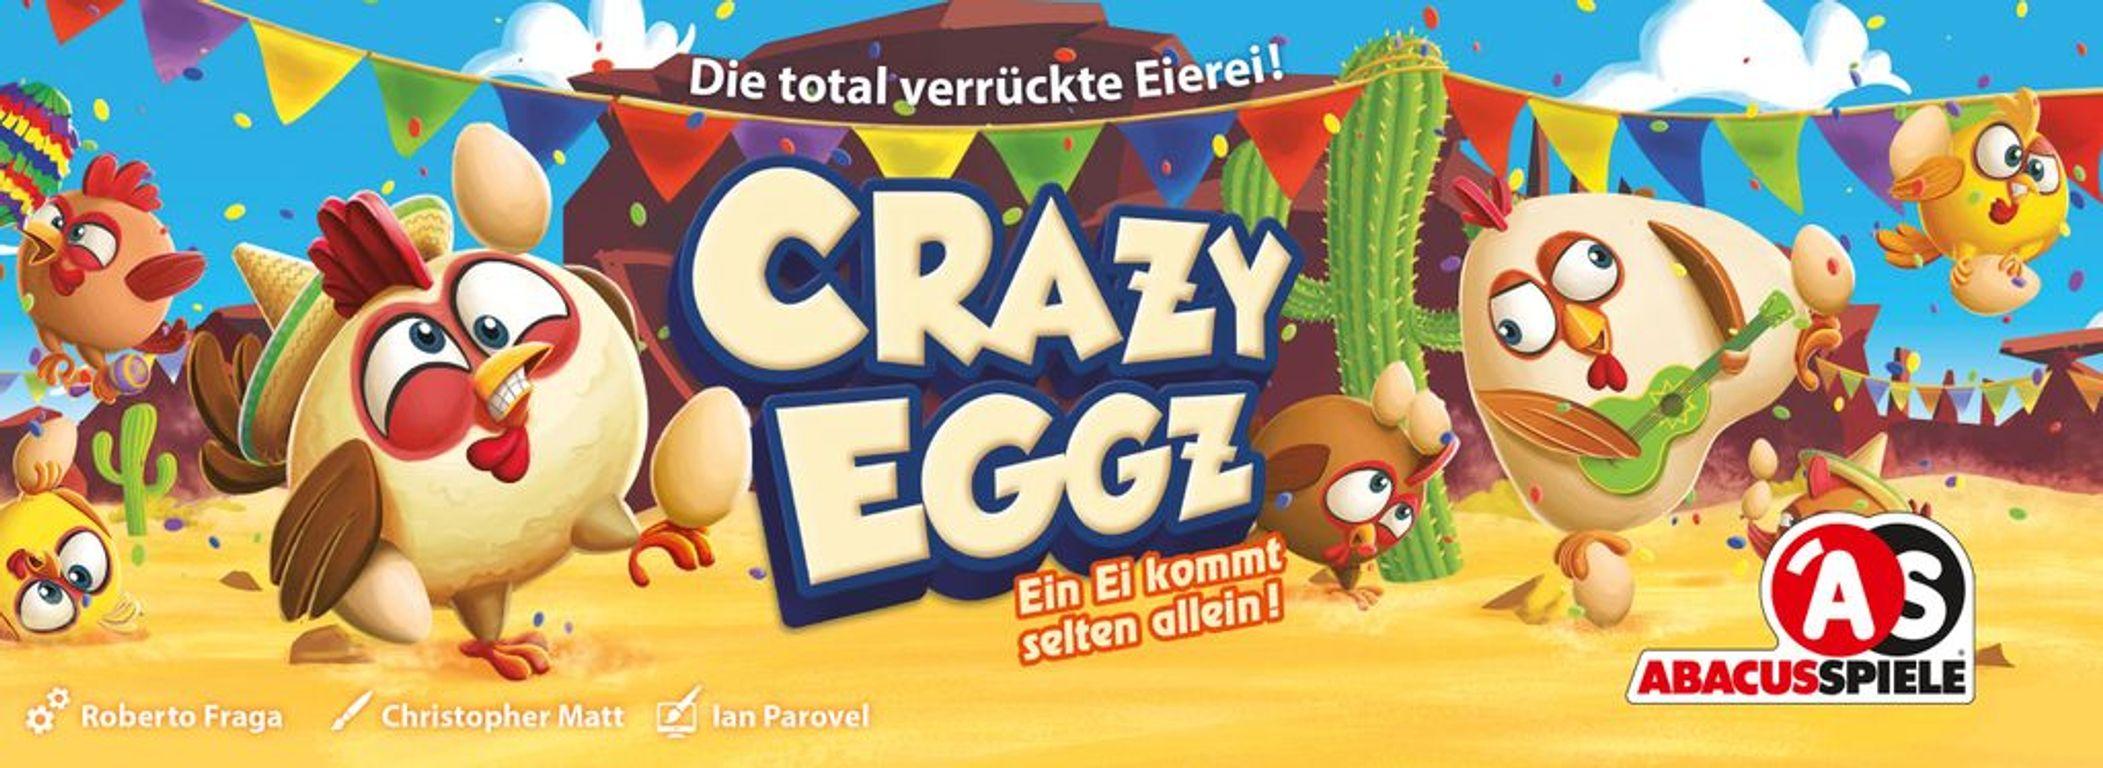 Crazy Eggz box